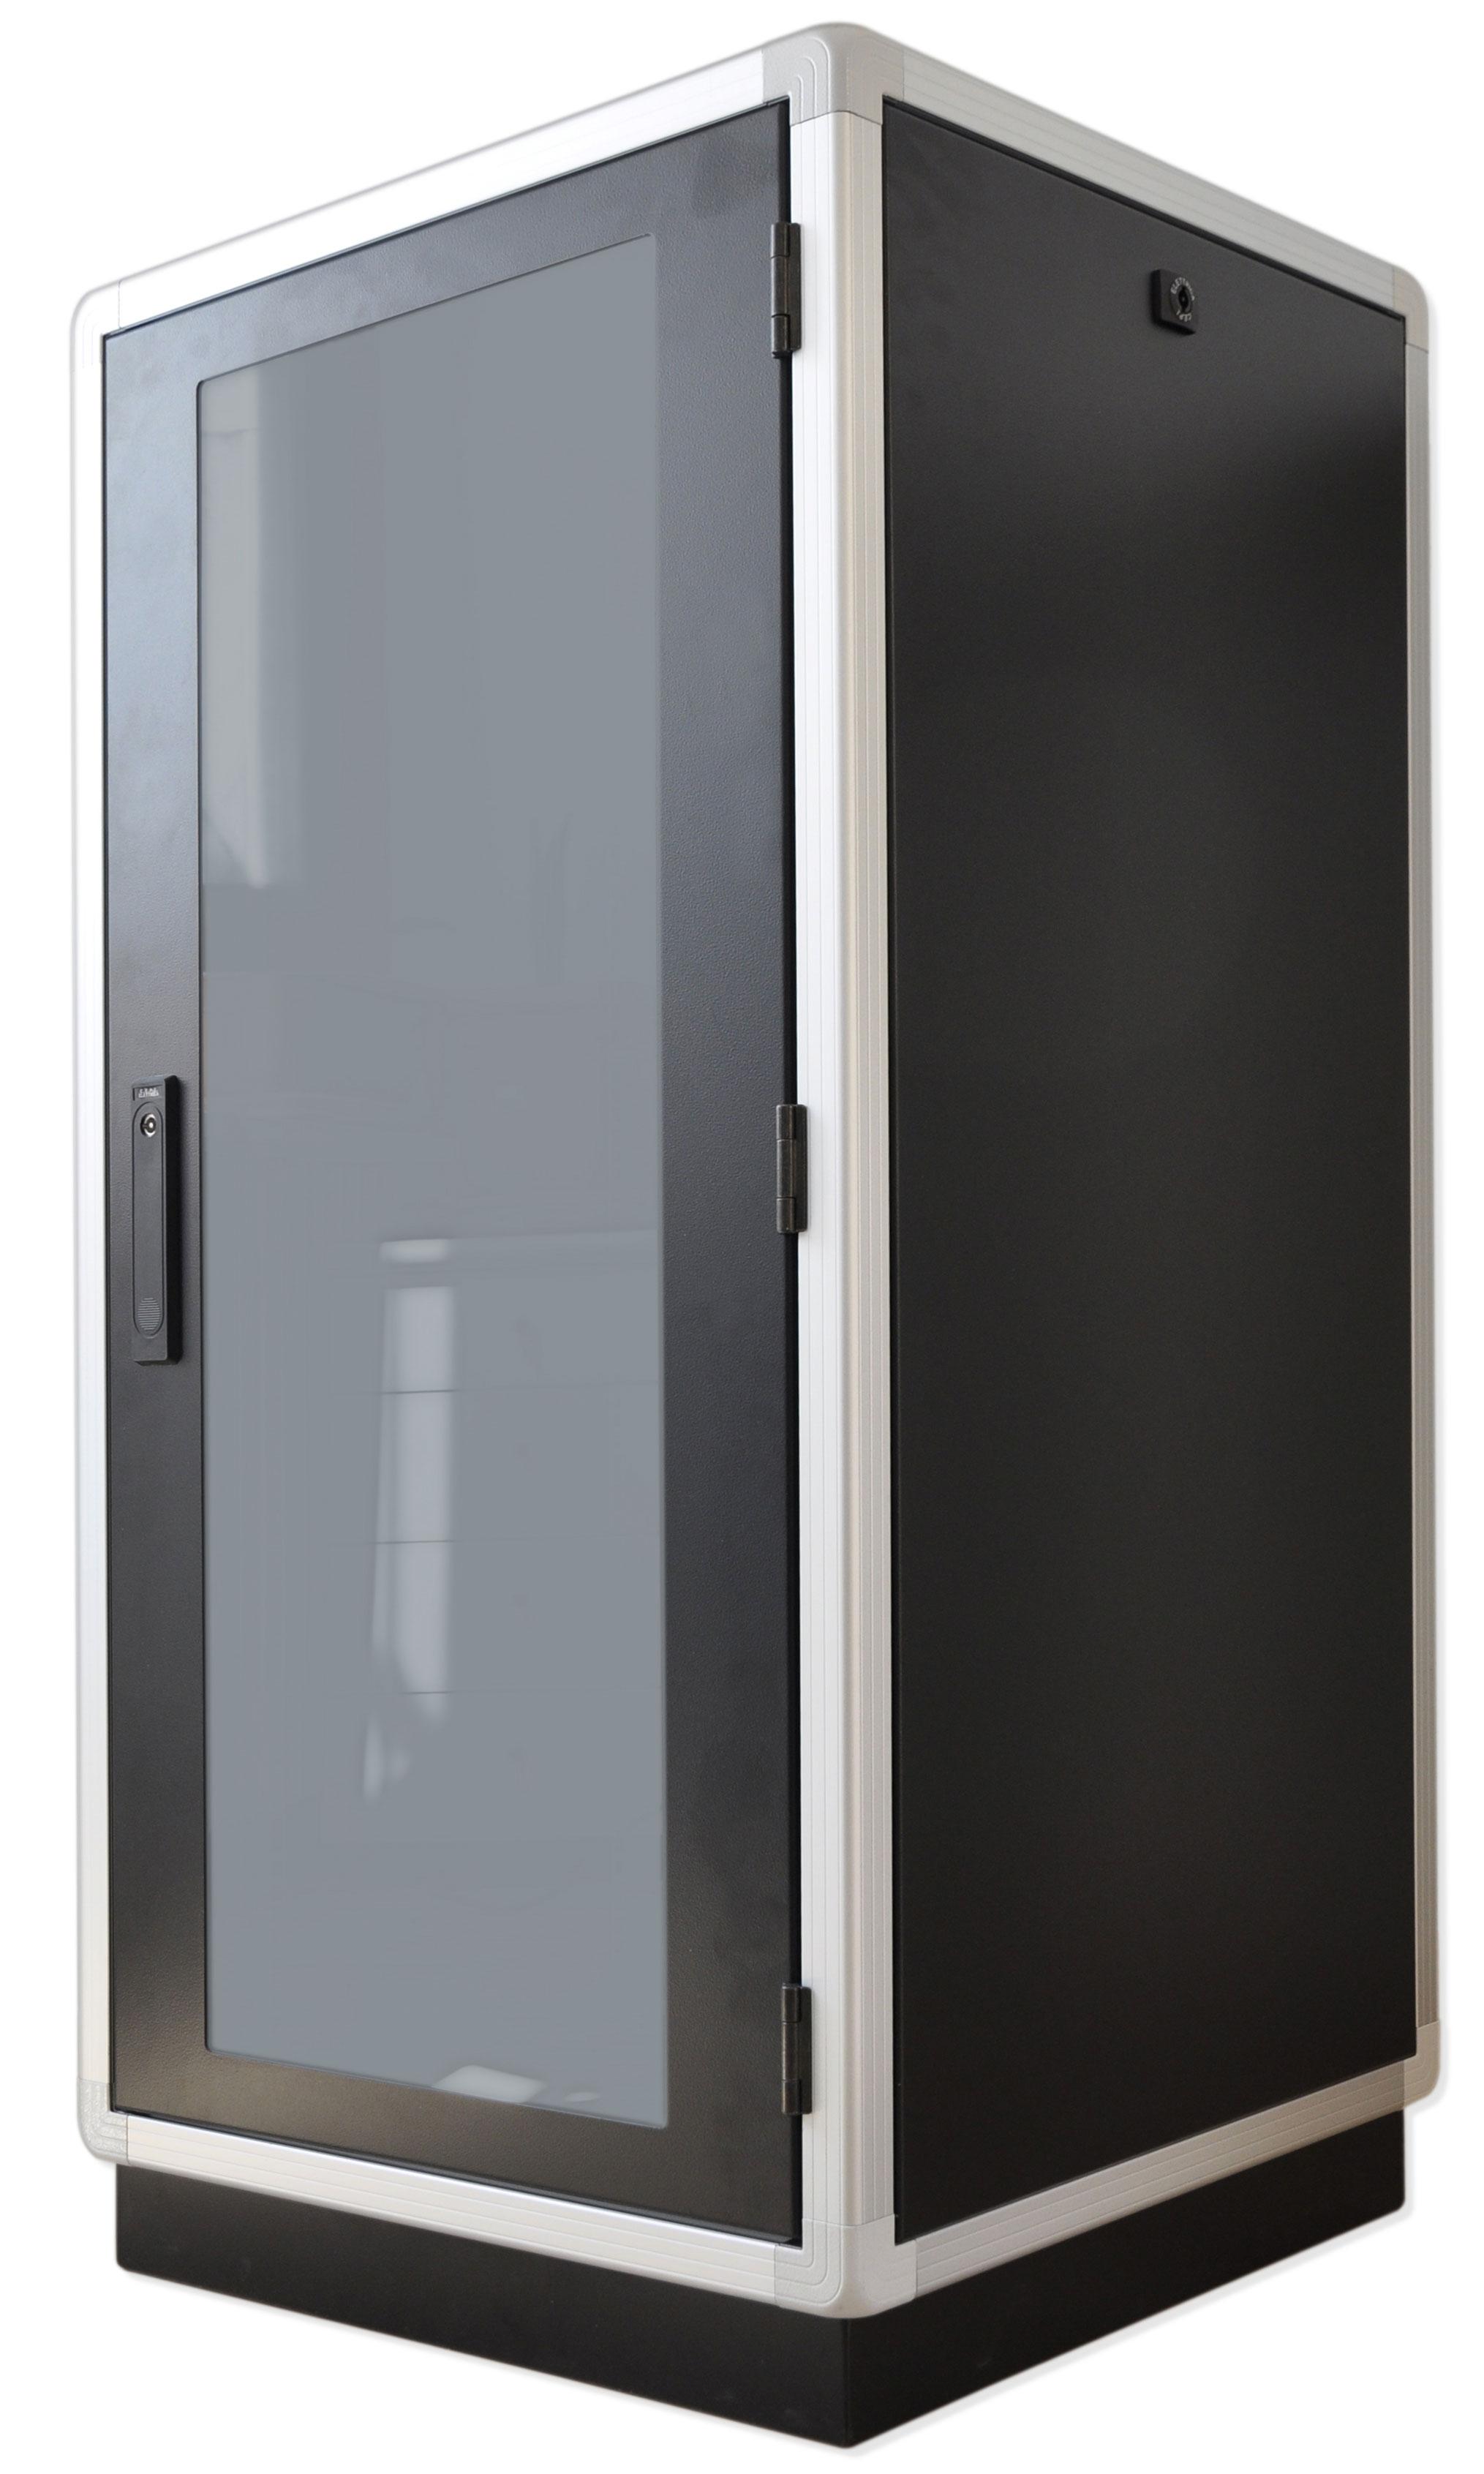 """armadio rack 19"""" con struura in alluminio e coperture in acciaio verniciato nero ral 9005"""